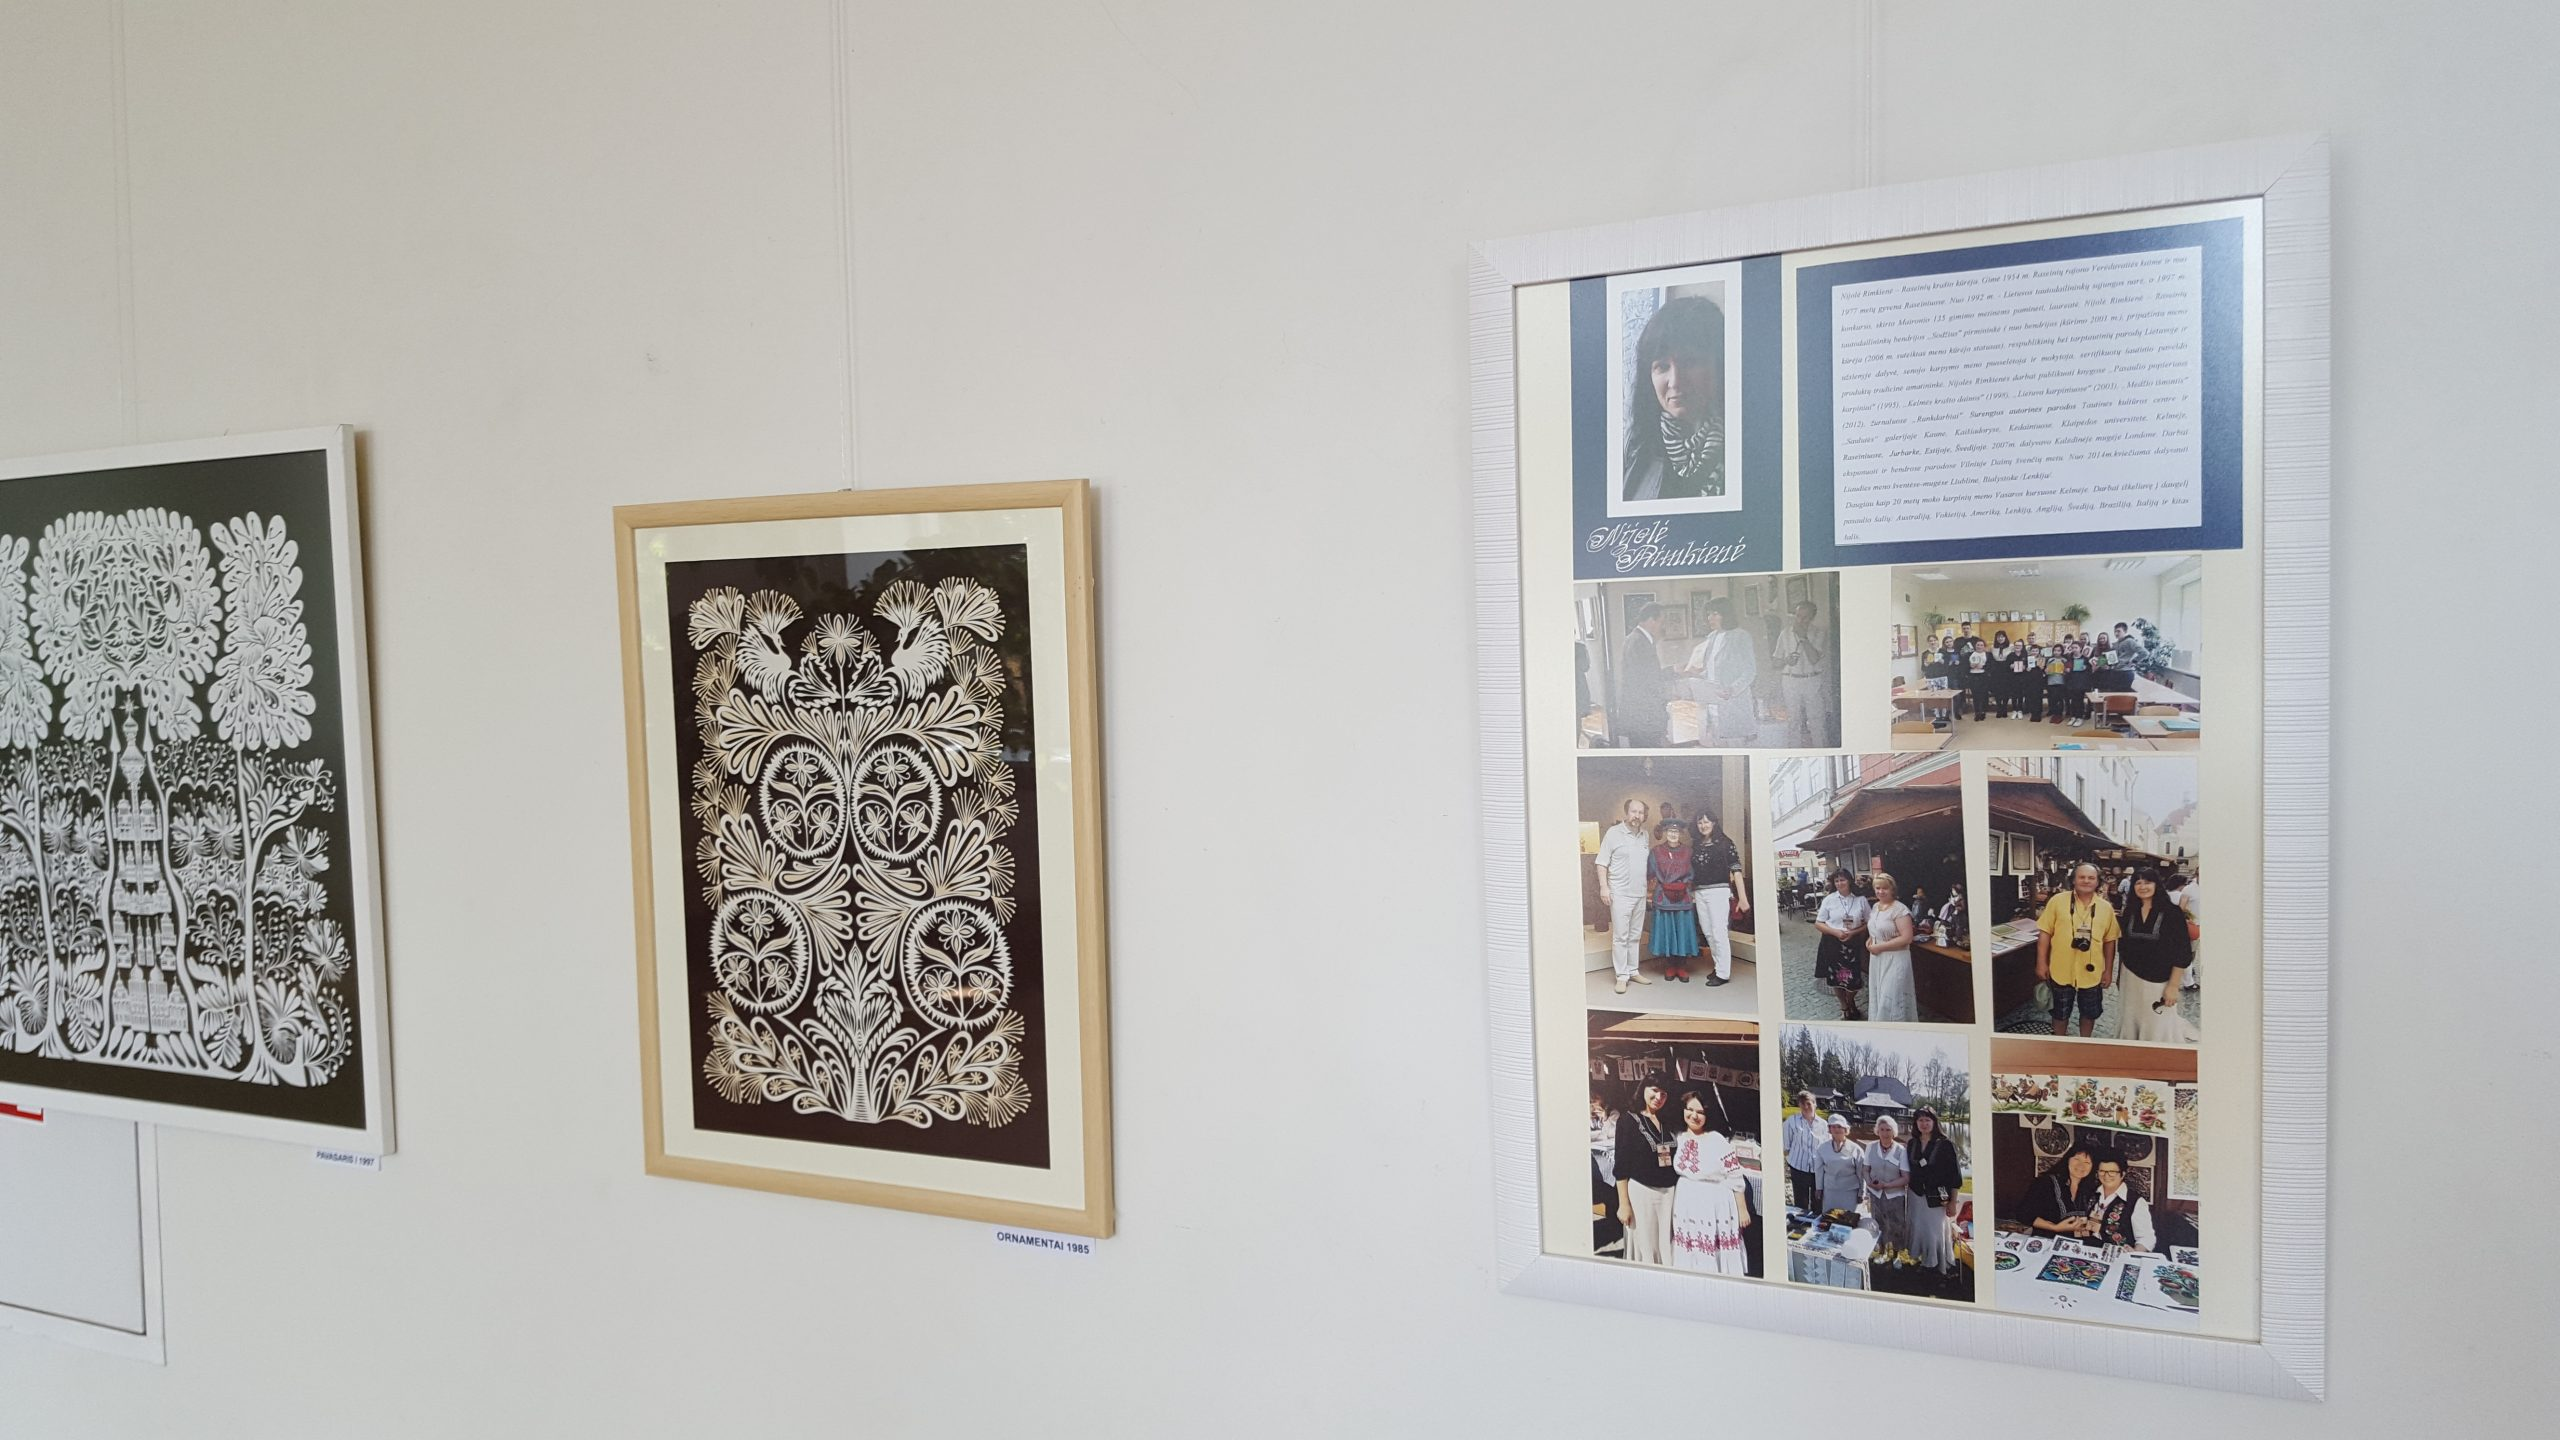 2020-06-12 Tauragės kultūros rūmuose eksponuojama karpinių paroda